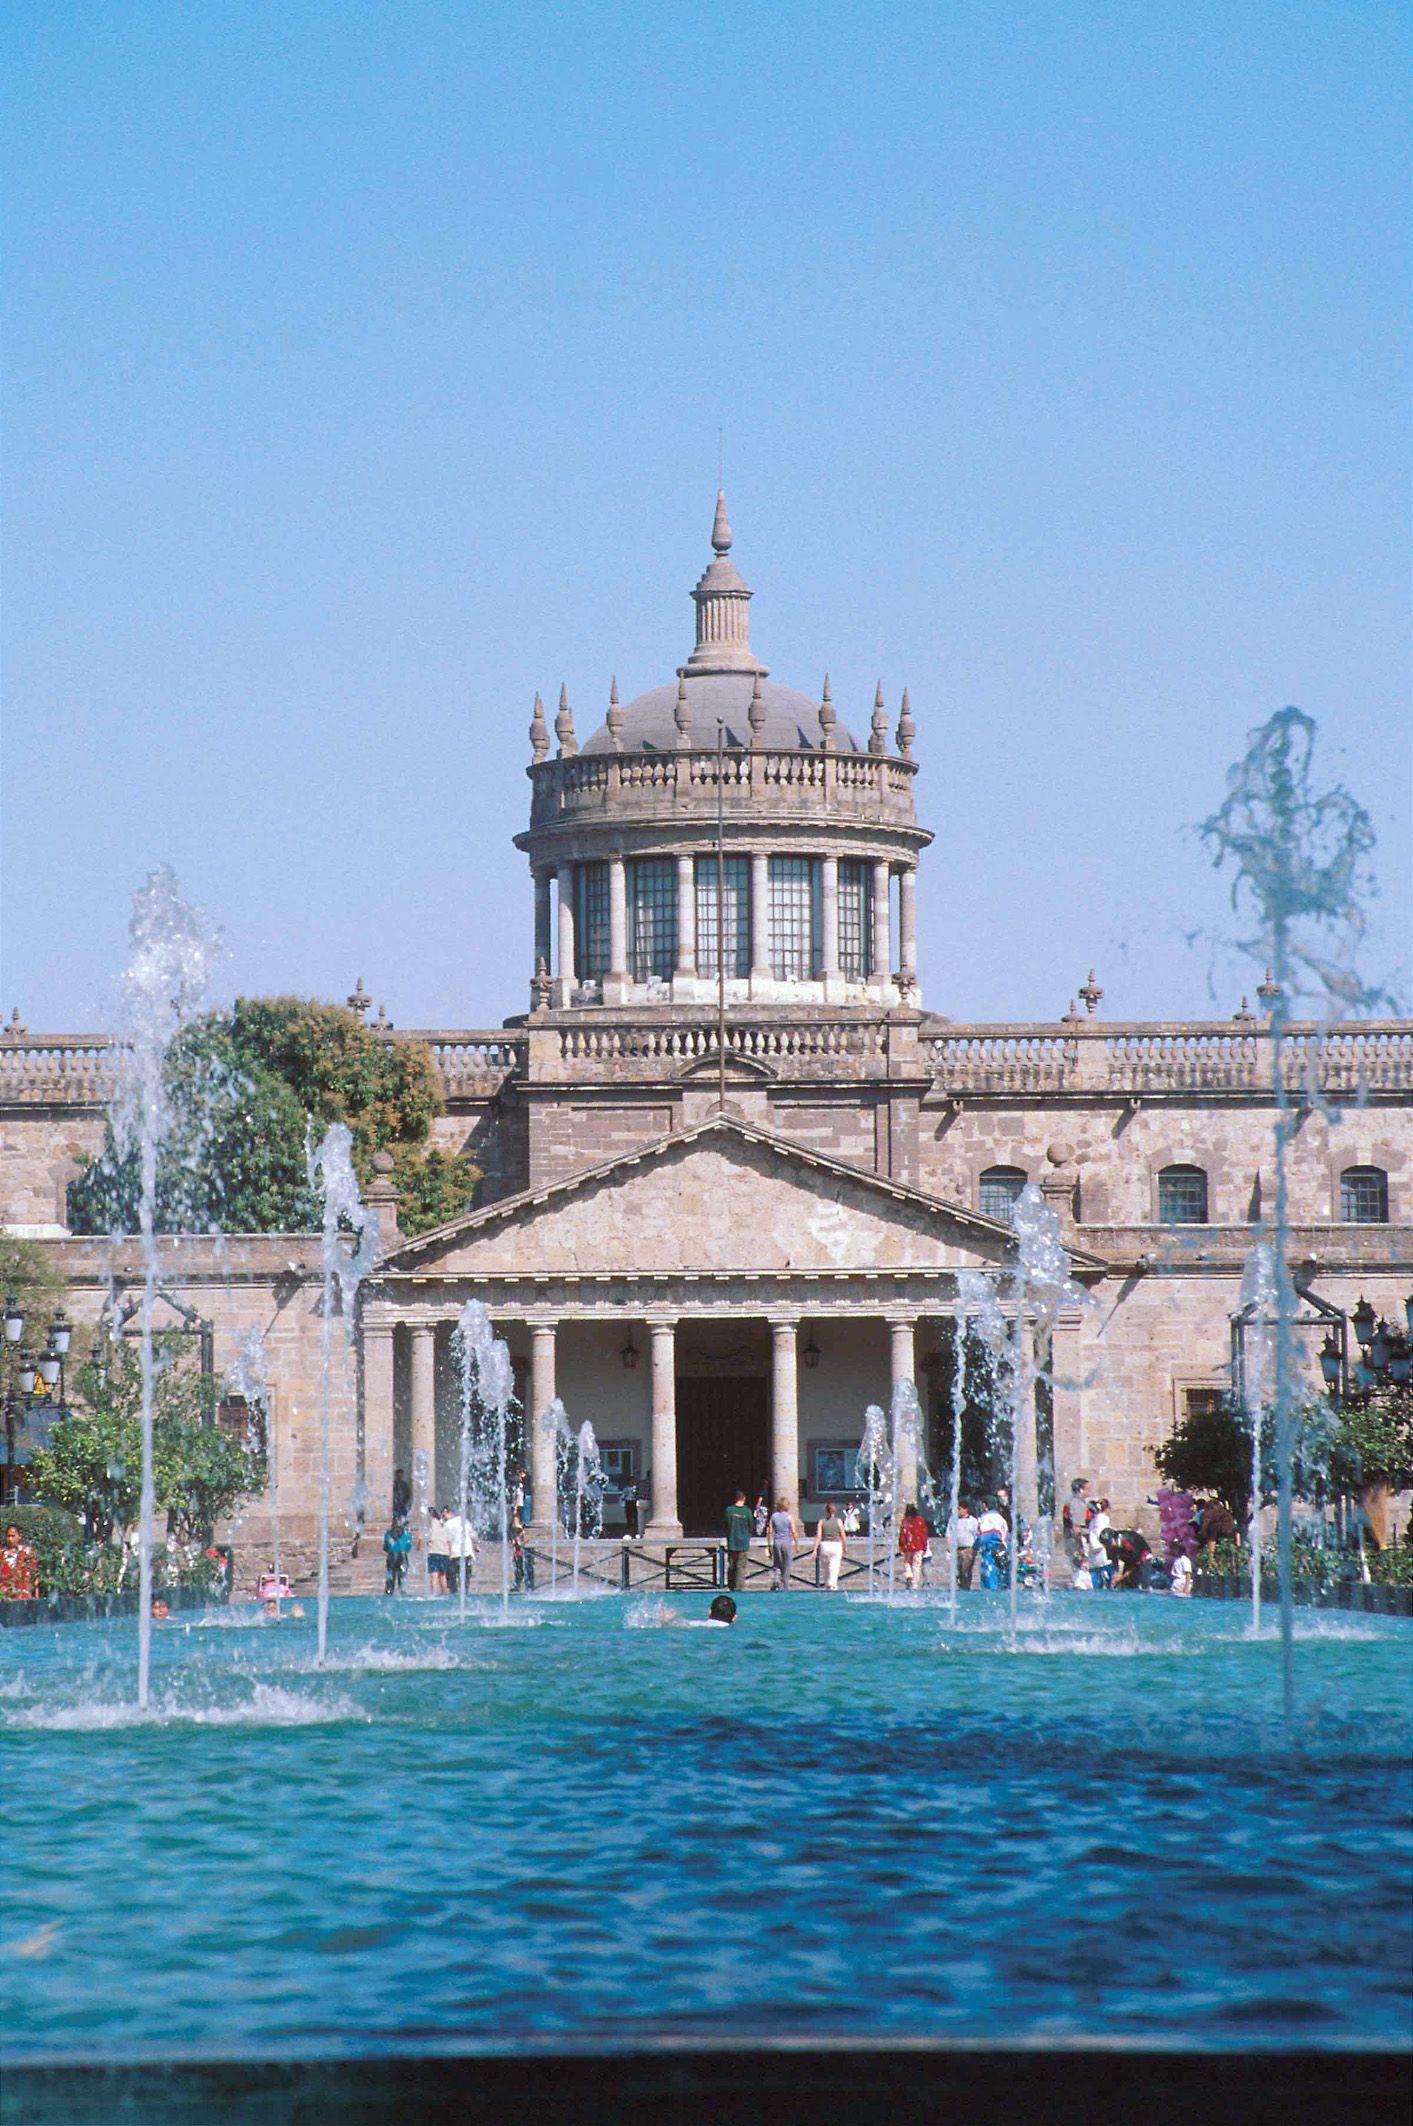 Instituto Cultural Cabañas, edificio diseñado por Manuel Tolsá y concluído en 1845 con un bello estilo neoclásico. / Cabañas Cultural Institute, this building was constructor by Manuel Tolsá and complete in 1845.